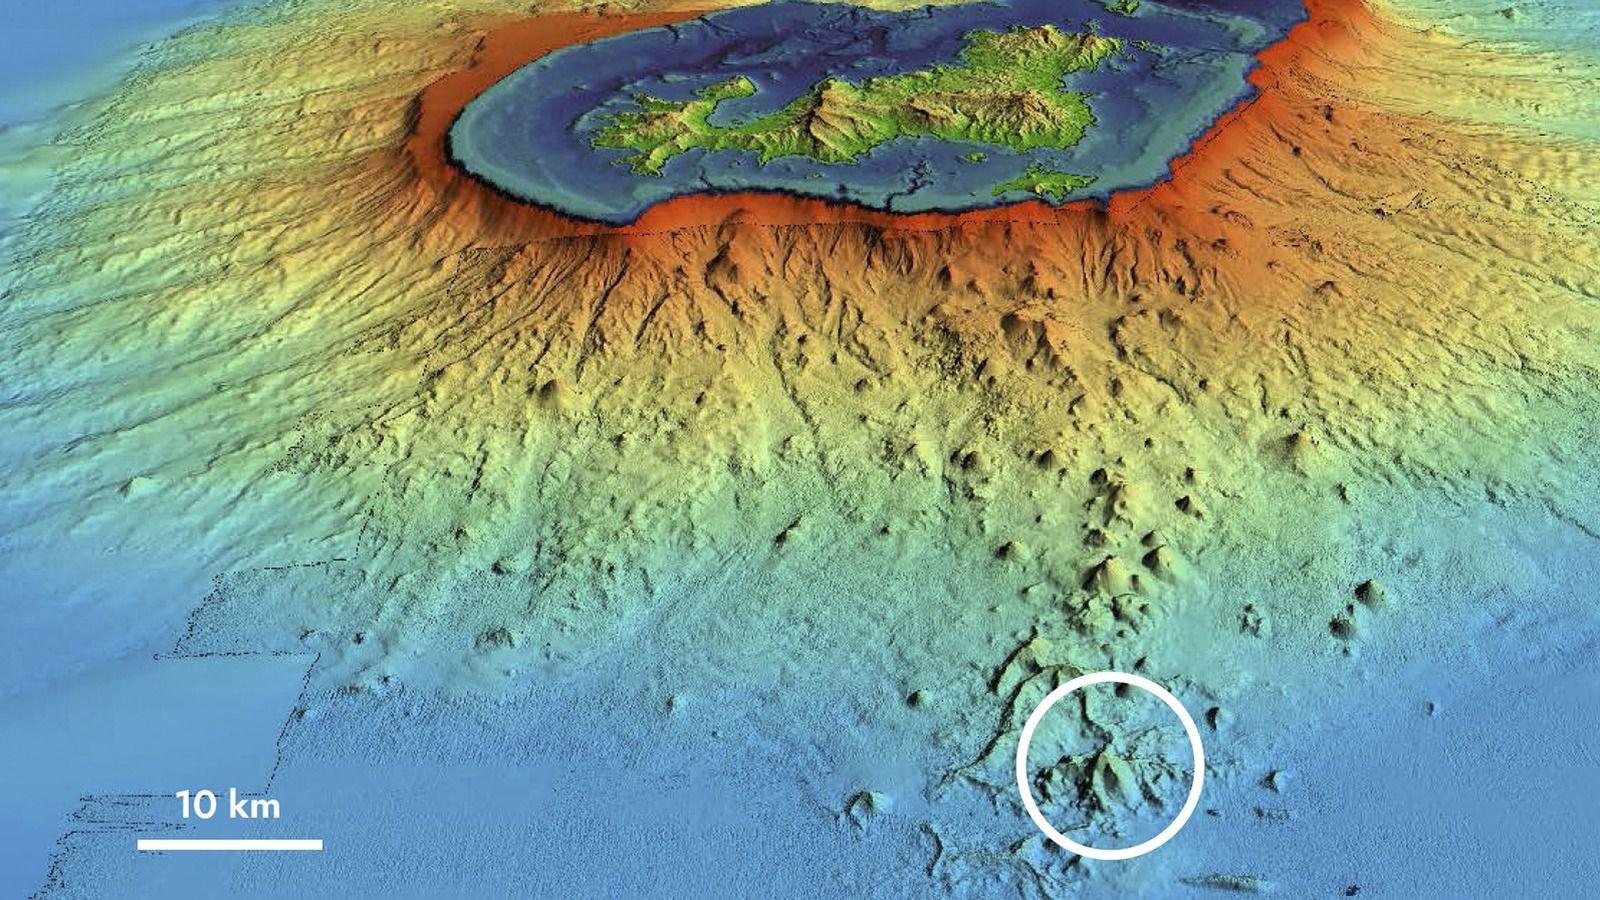 Vue sous-marine du volcan au large de Mayotte. (photo IPGP)